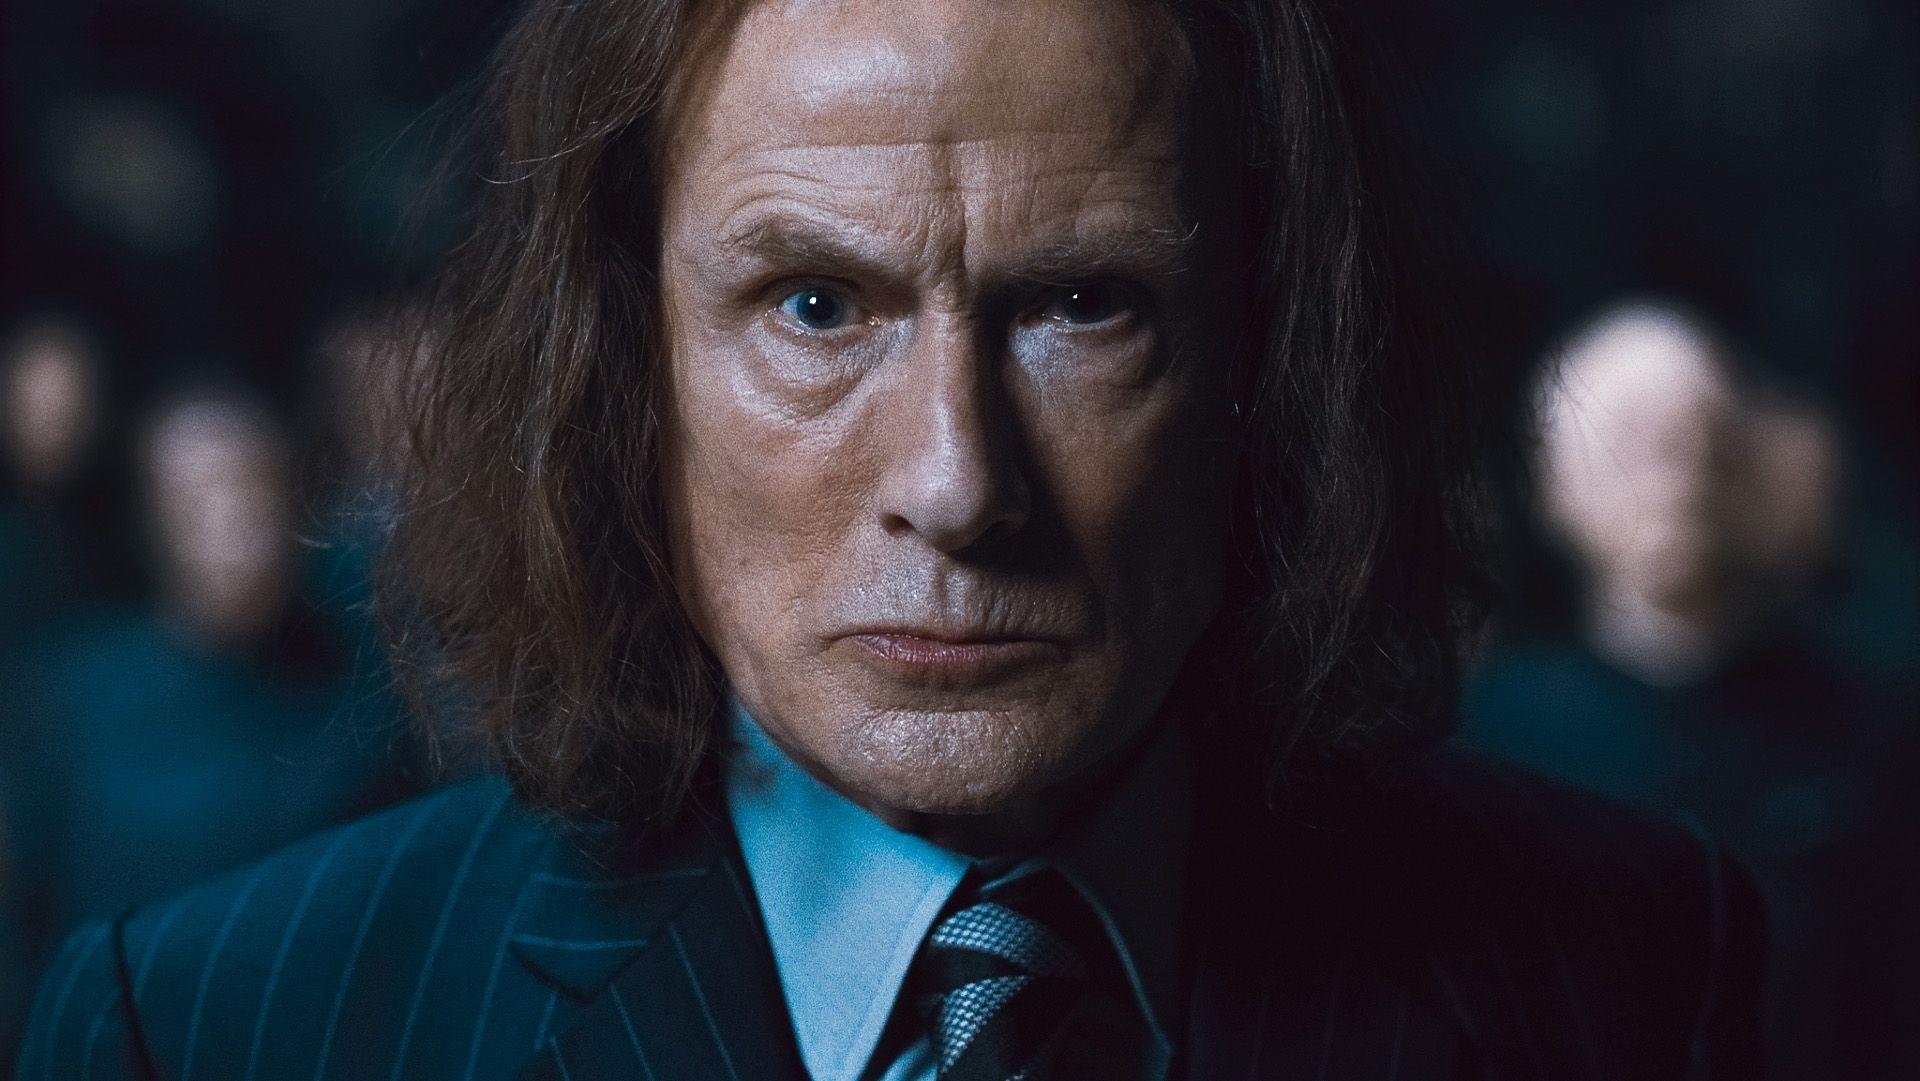 кадры из фильма Гарри Поттер и Дары Смерти: Часть первая Билл Найи,